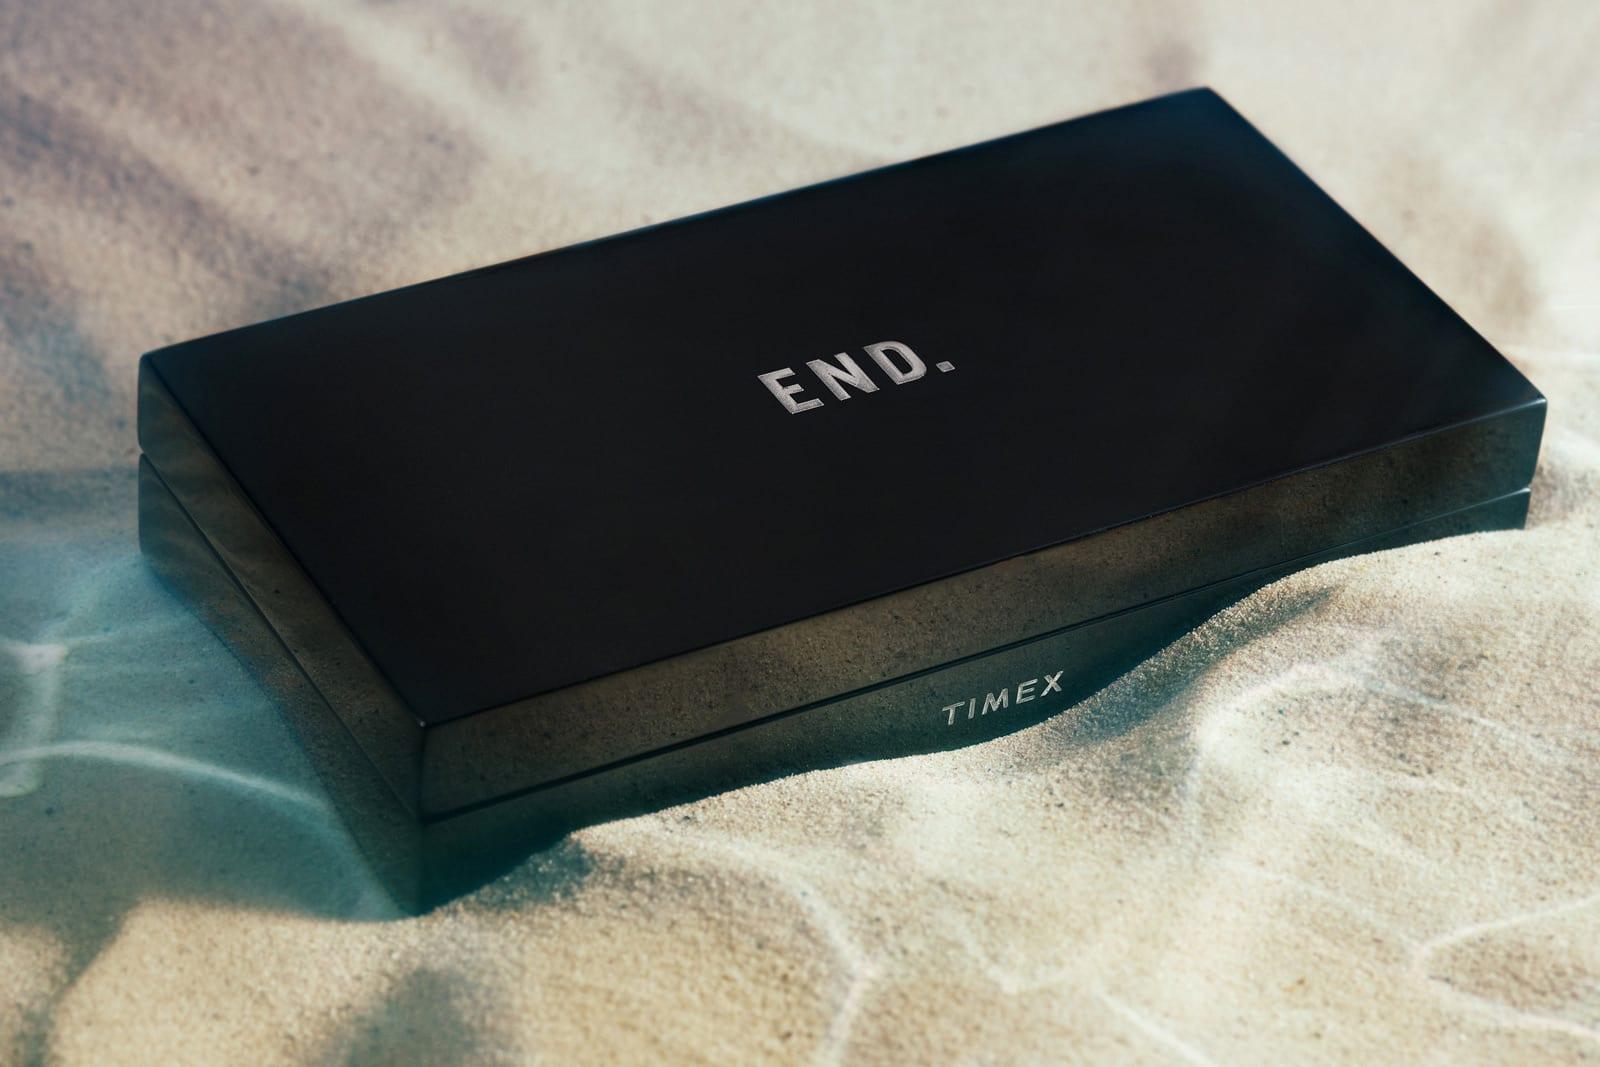 """END. x Timex Navi XL """"Bioluminescence"""" - TWG022100"""